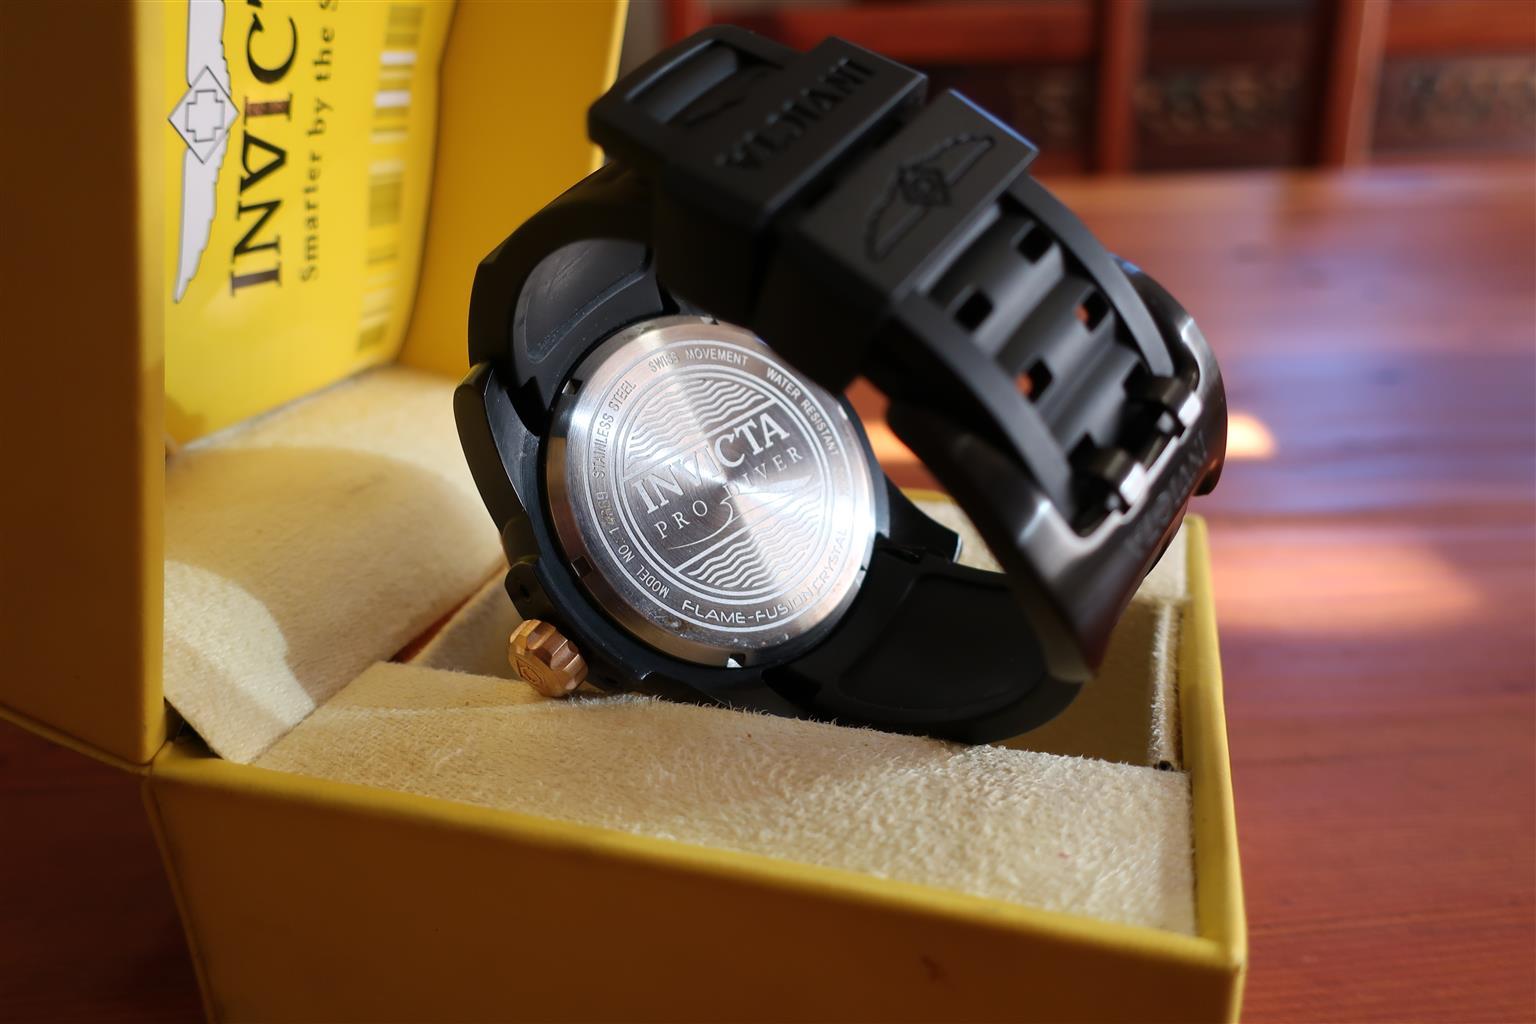 Invicta Pro Diver one hour Cronograph